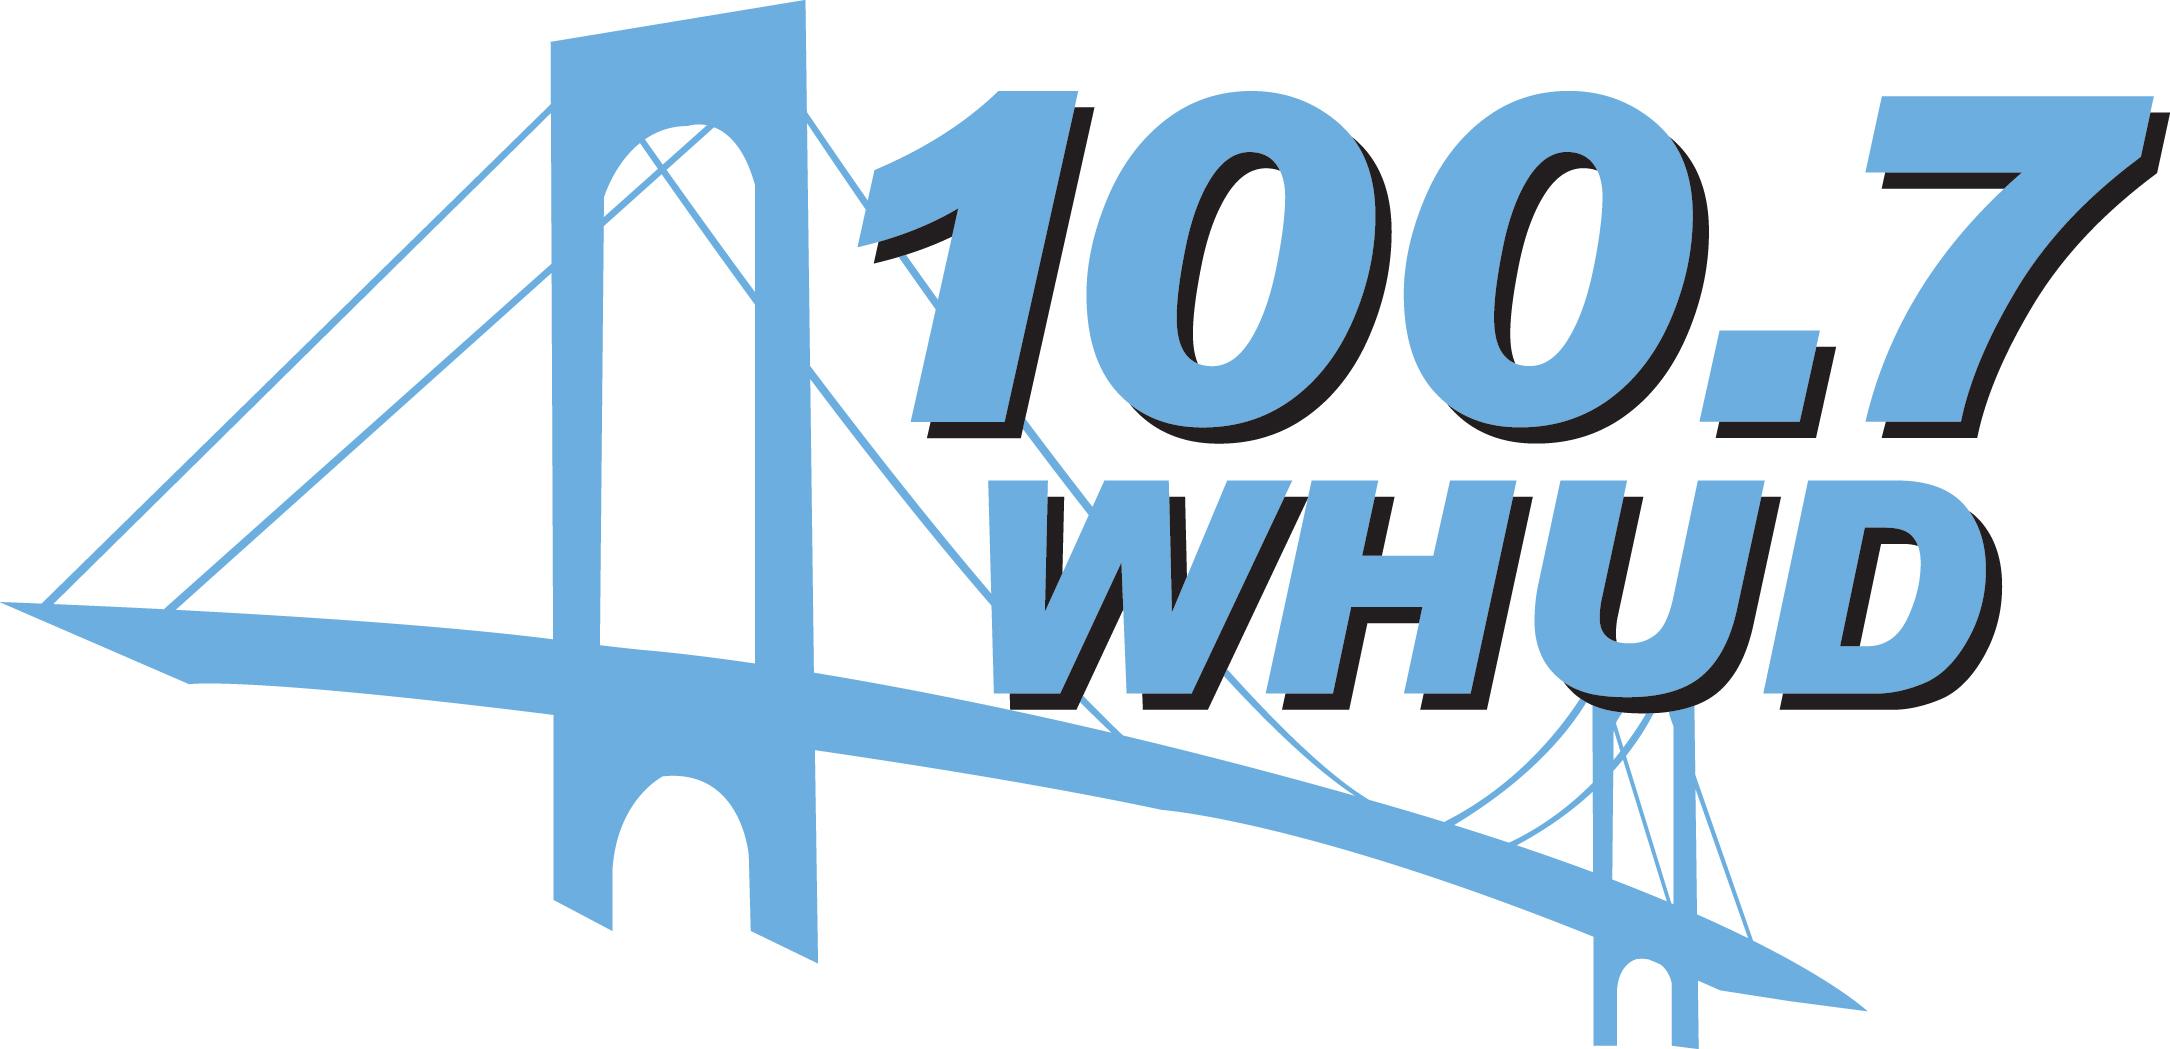 whud_logo.jpg